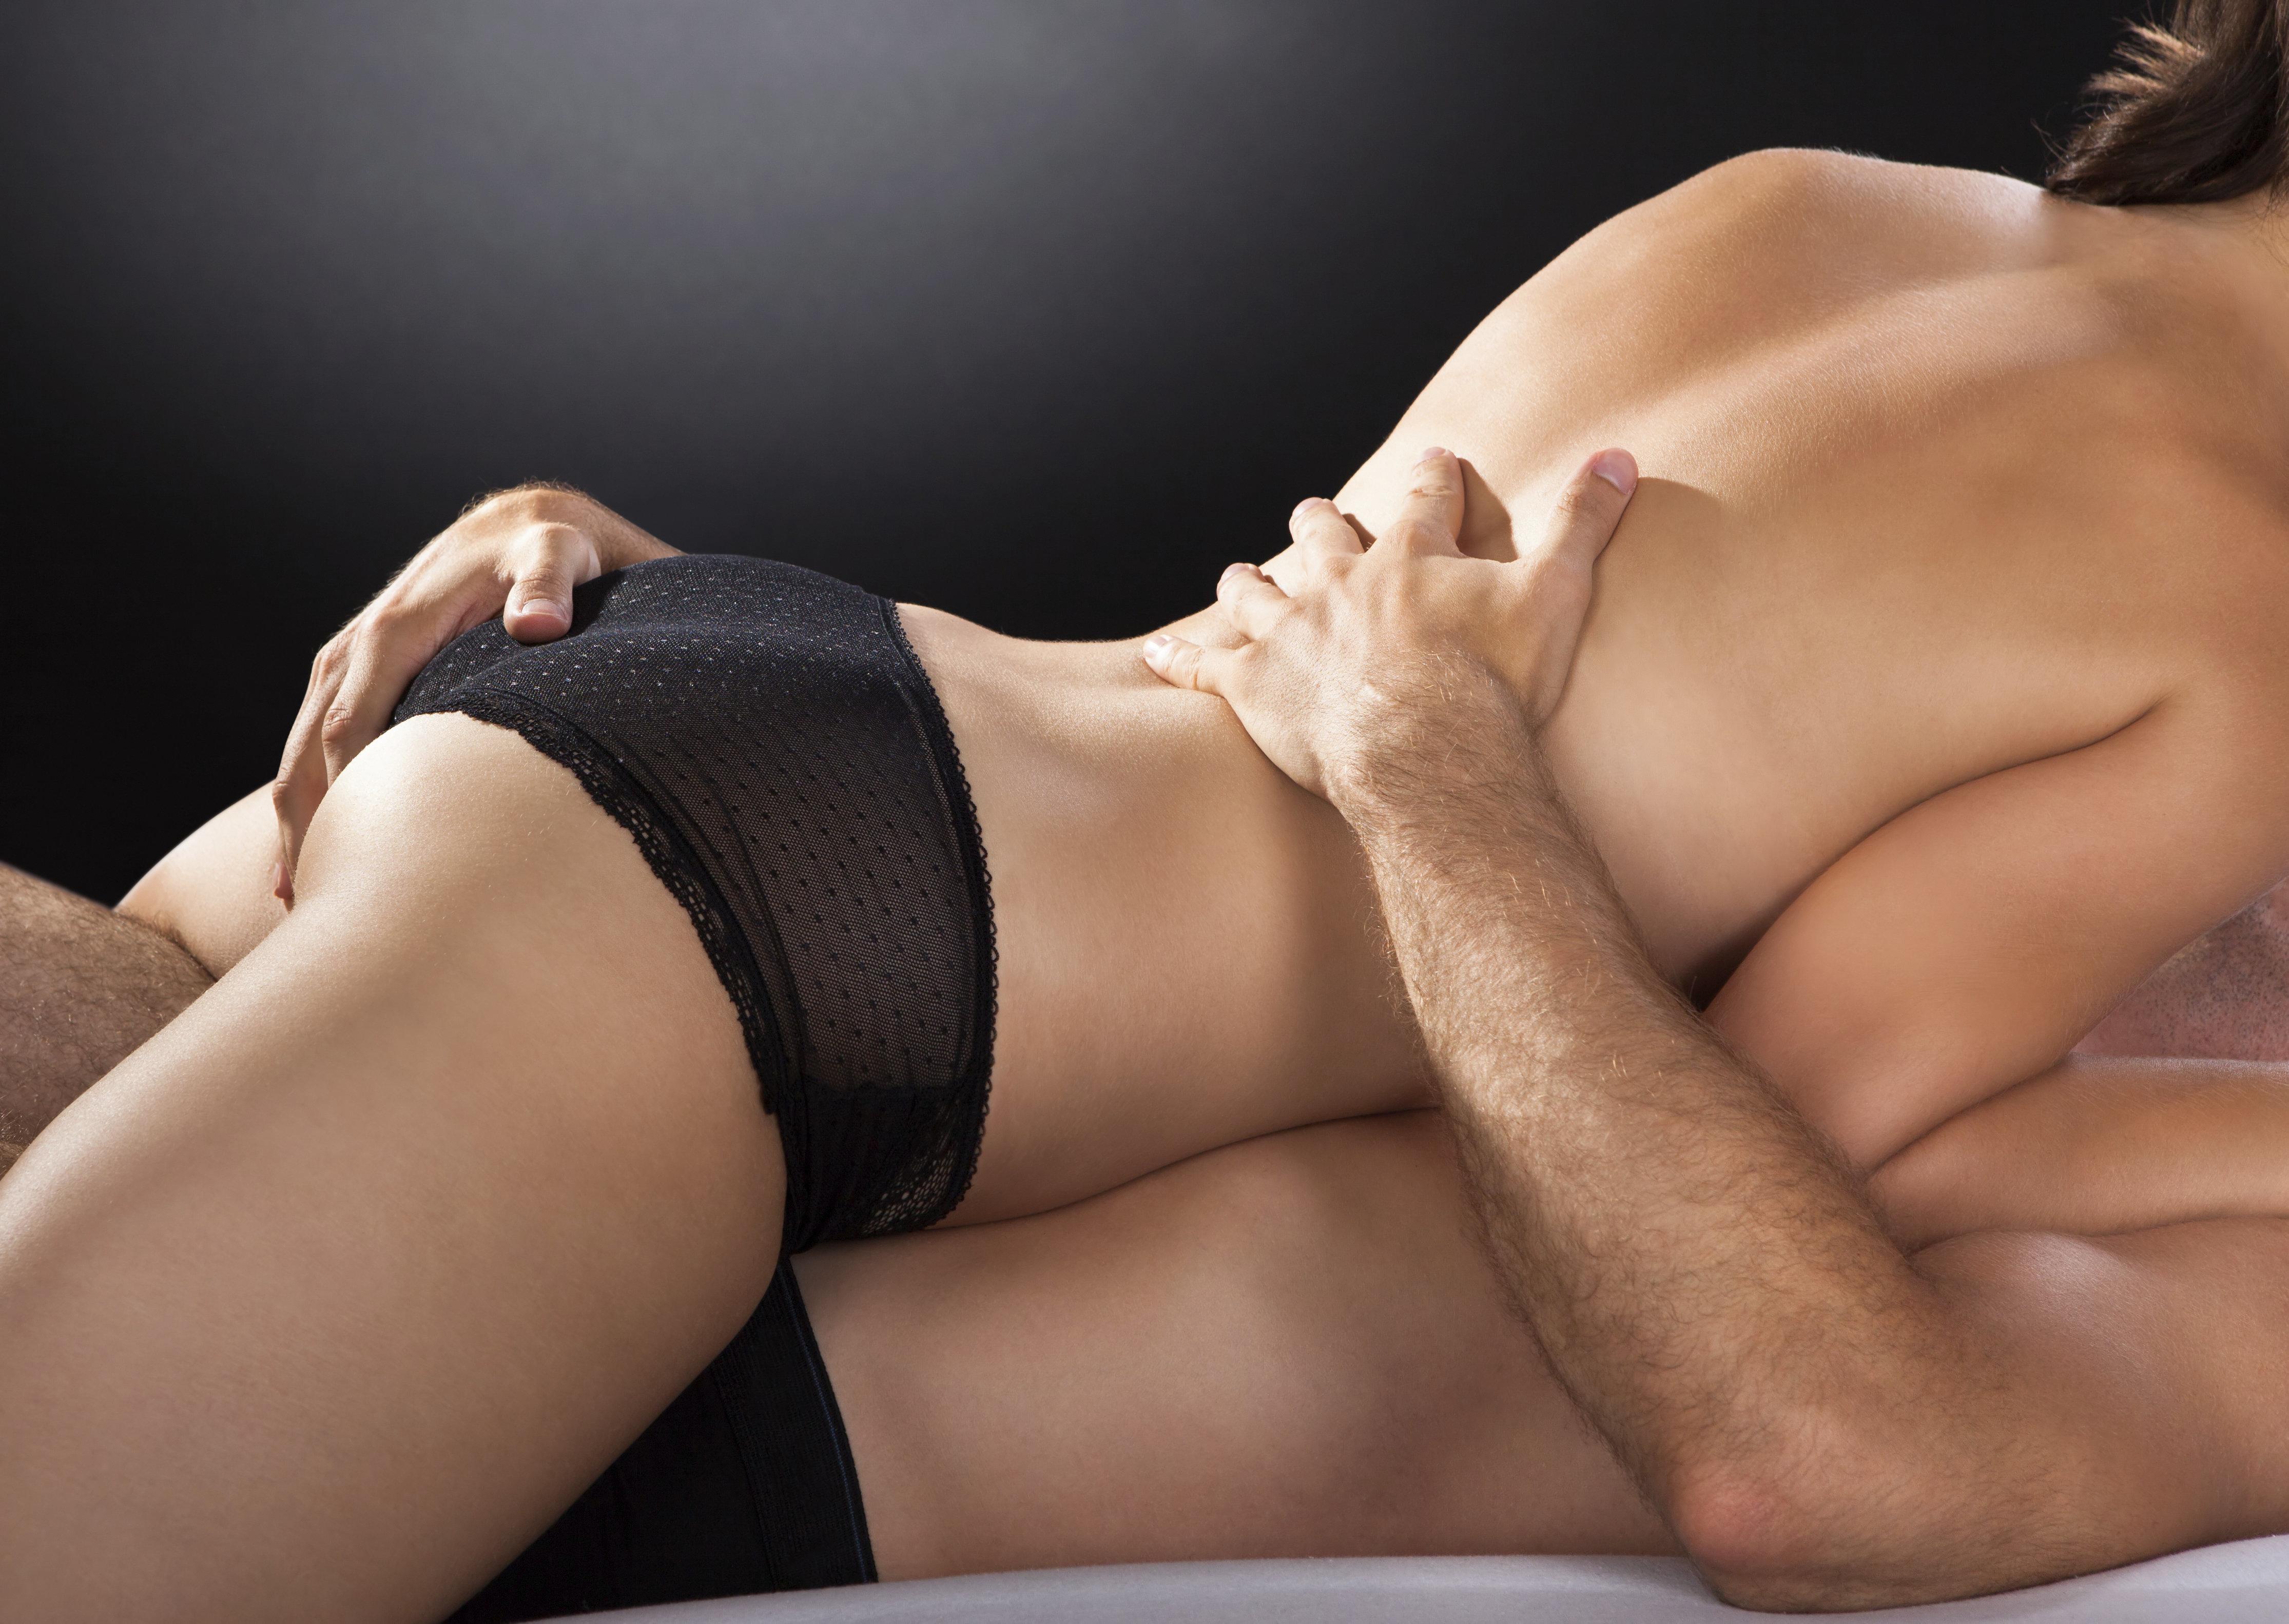 Sex: Expertin verrät ungewöhnlichen Tipp für guten Sex in einer langen Beziehung